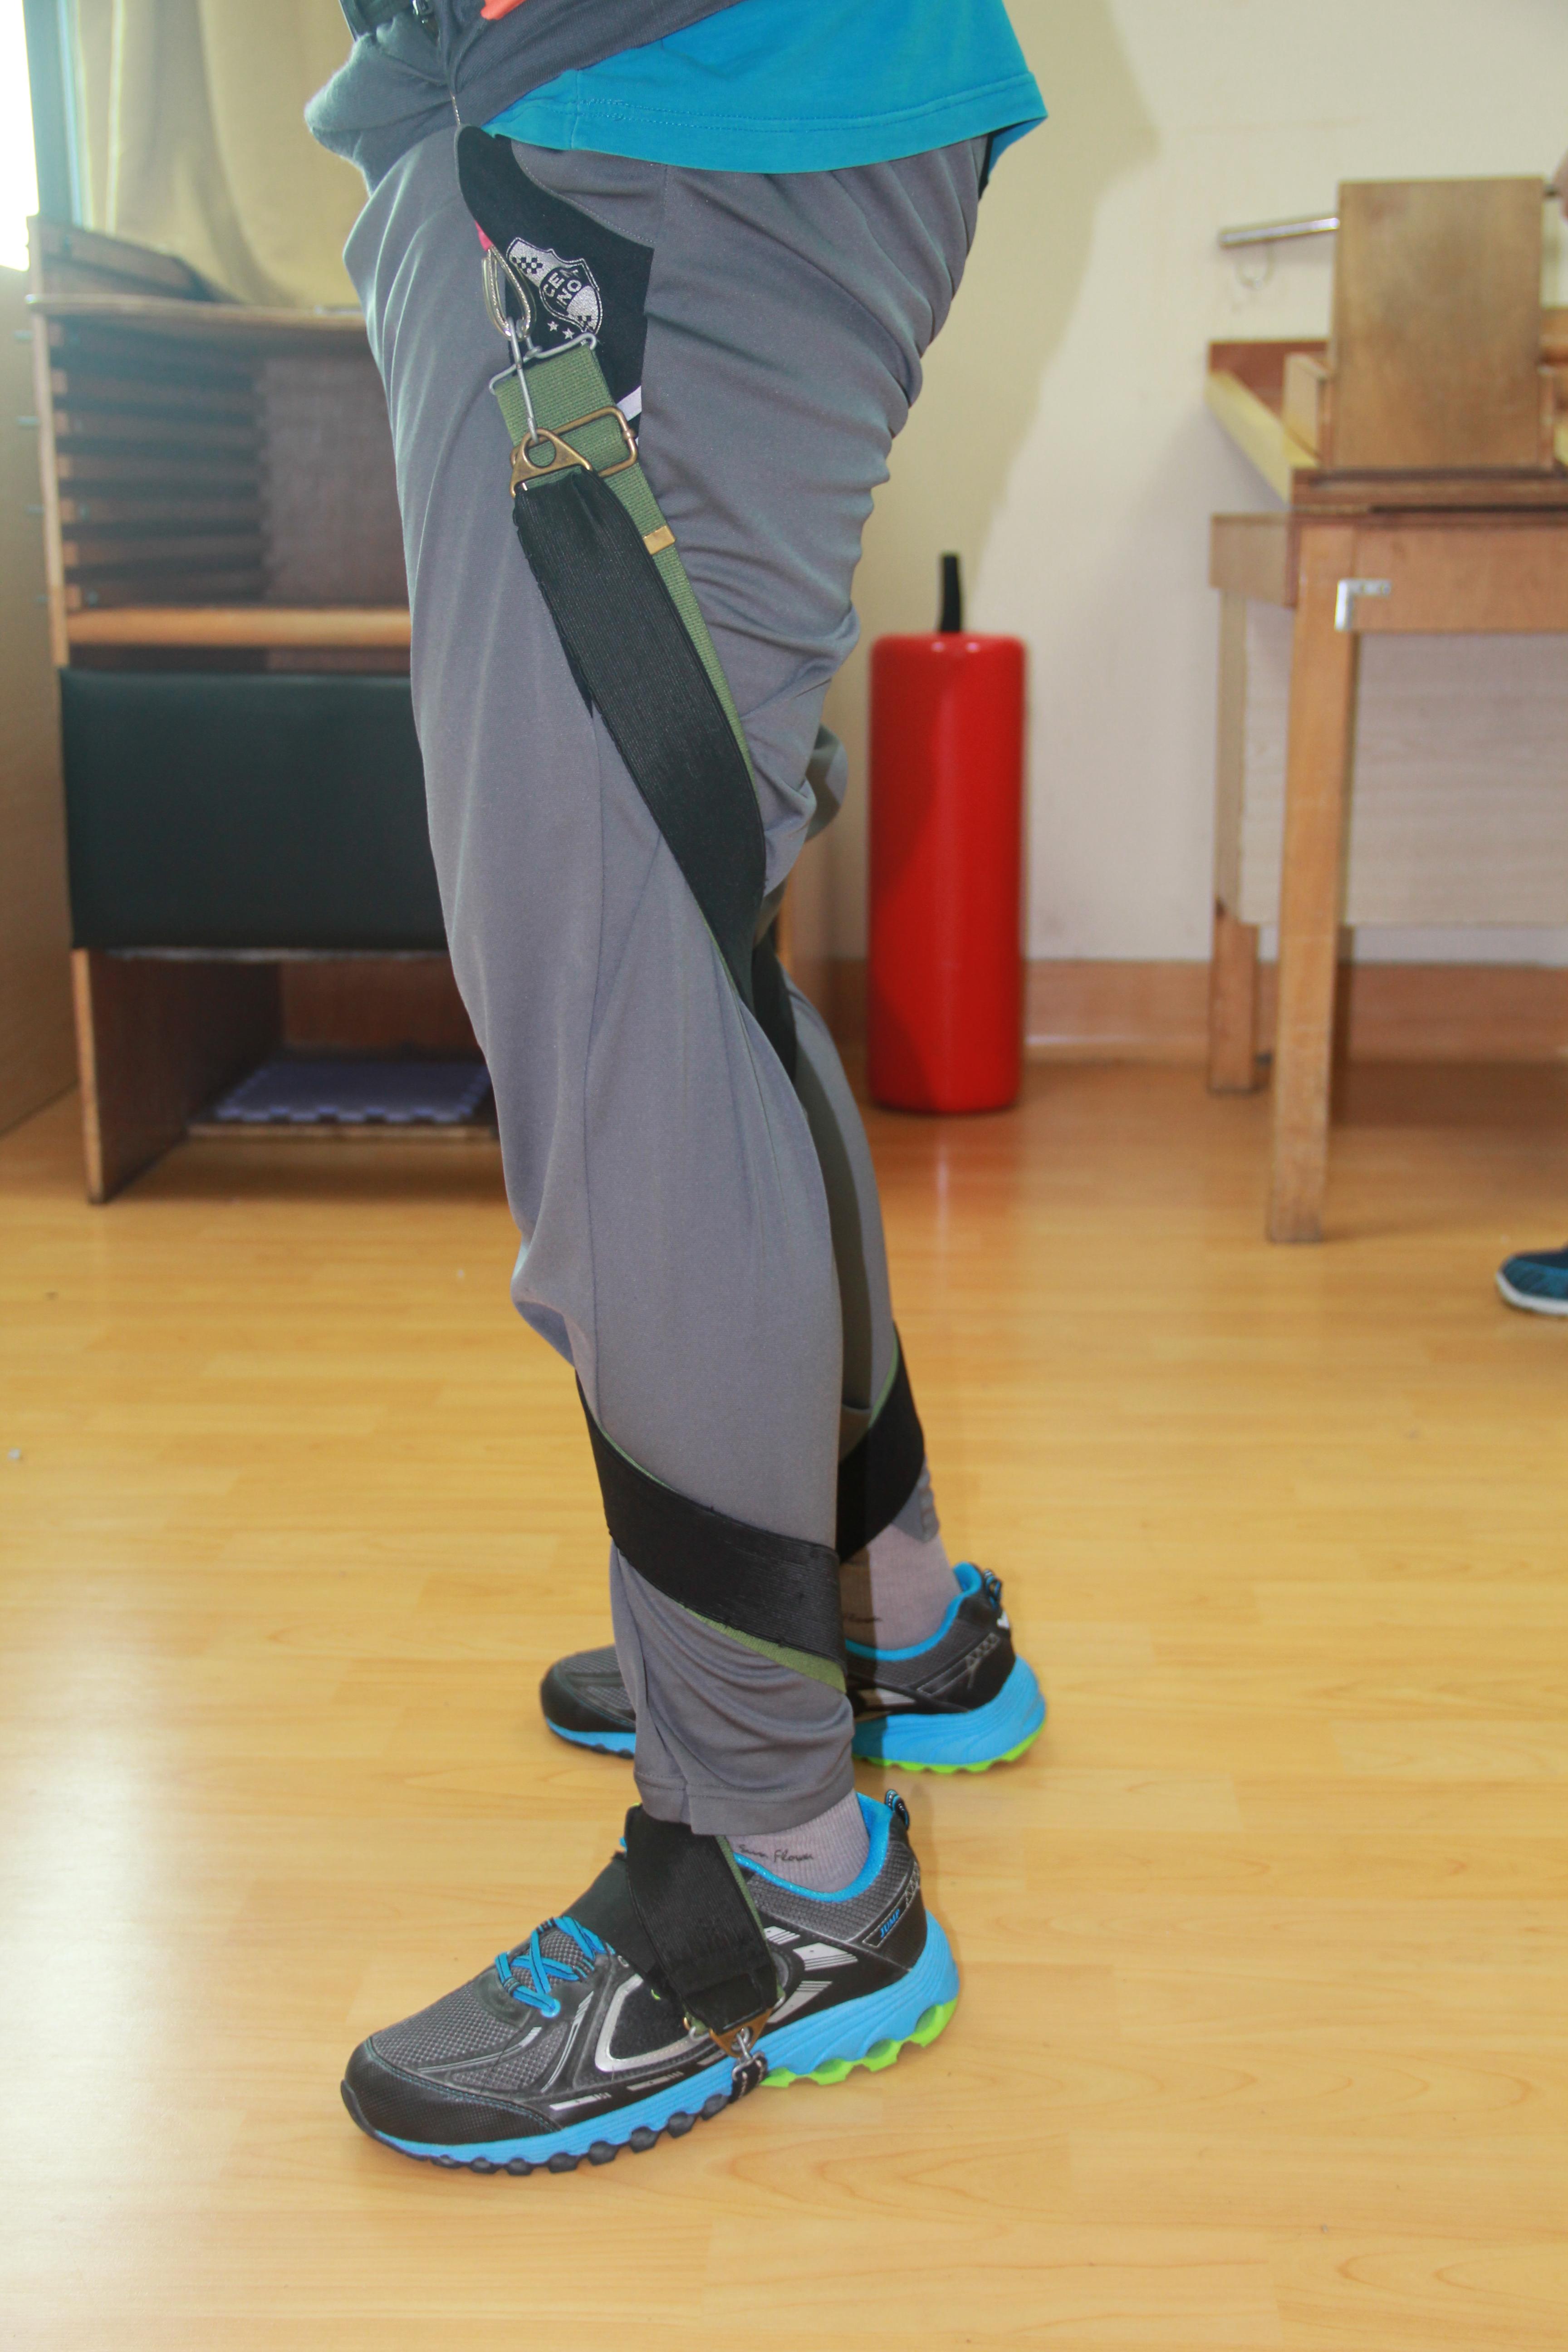 連動式足部側翻矯正裝置.產品側面觀